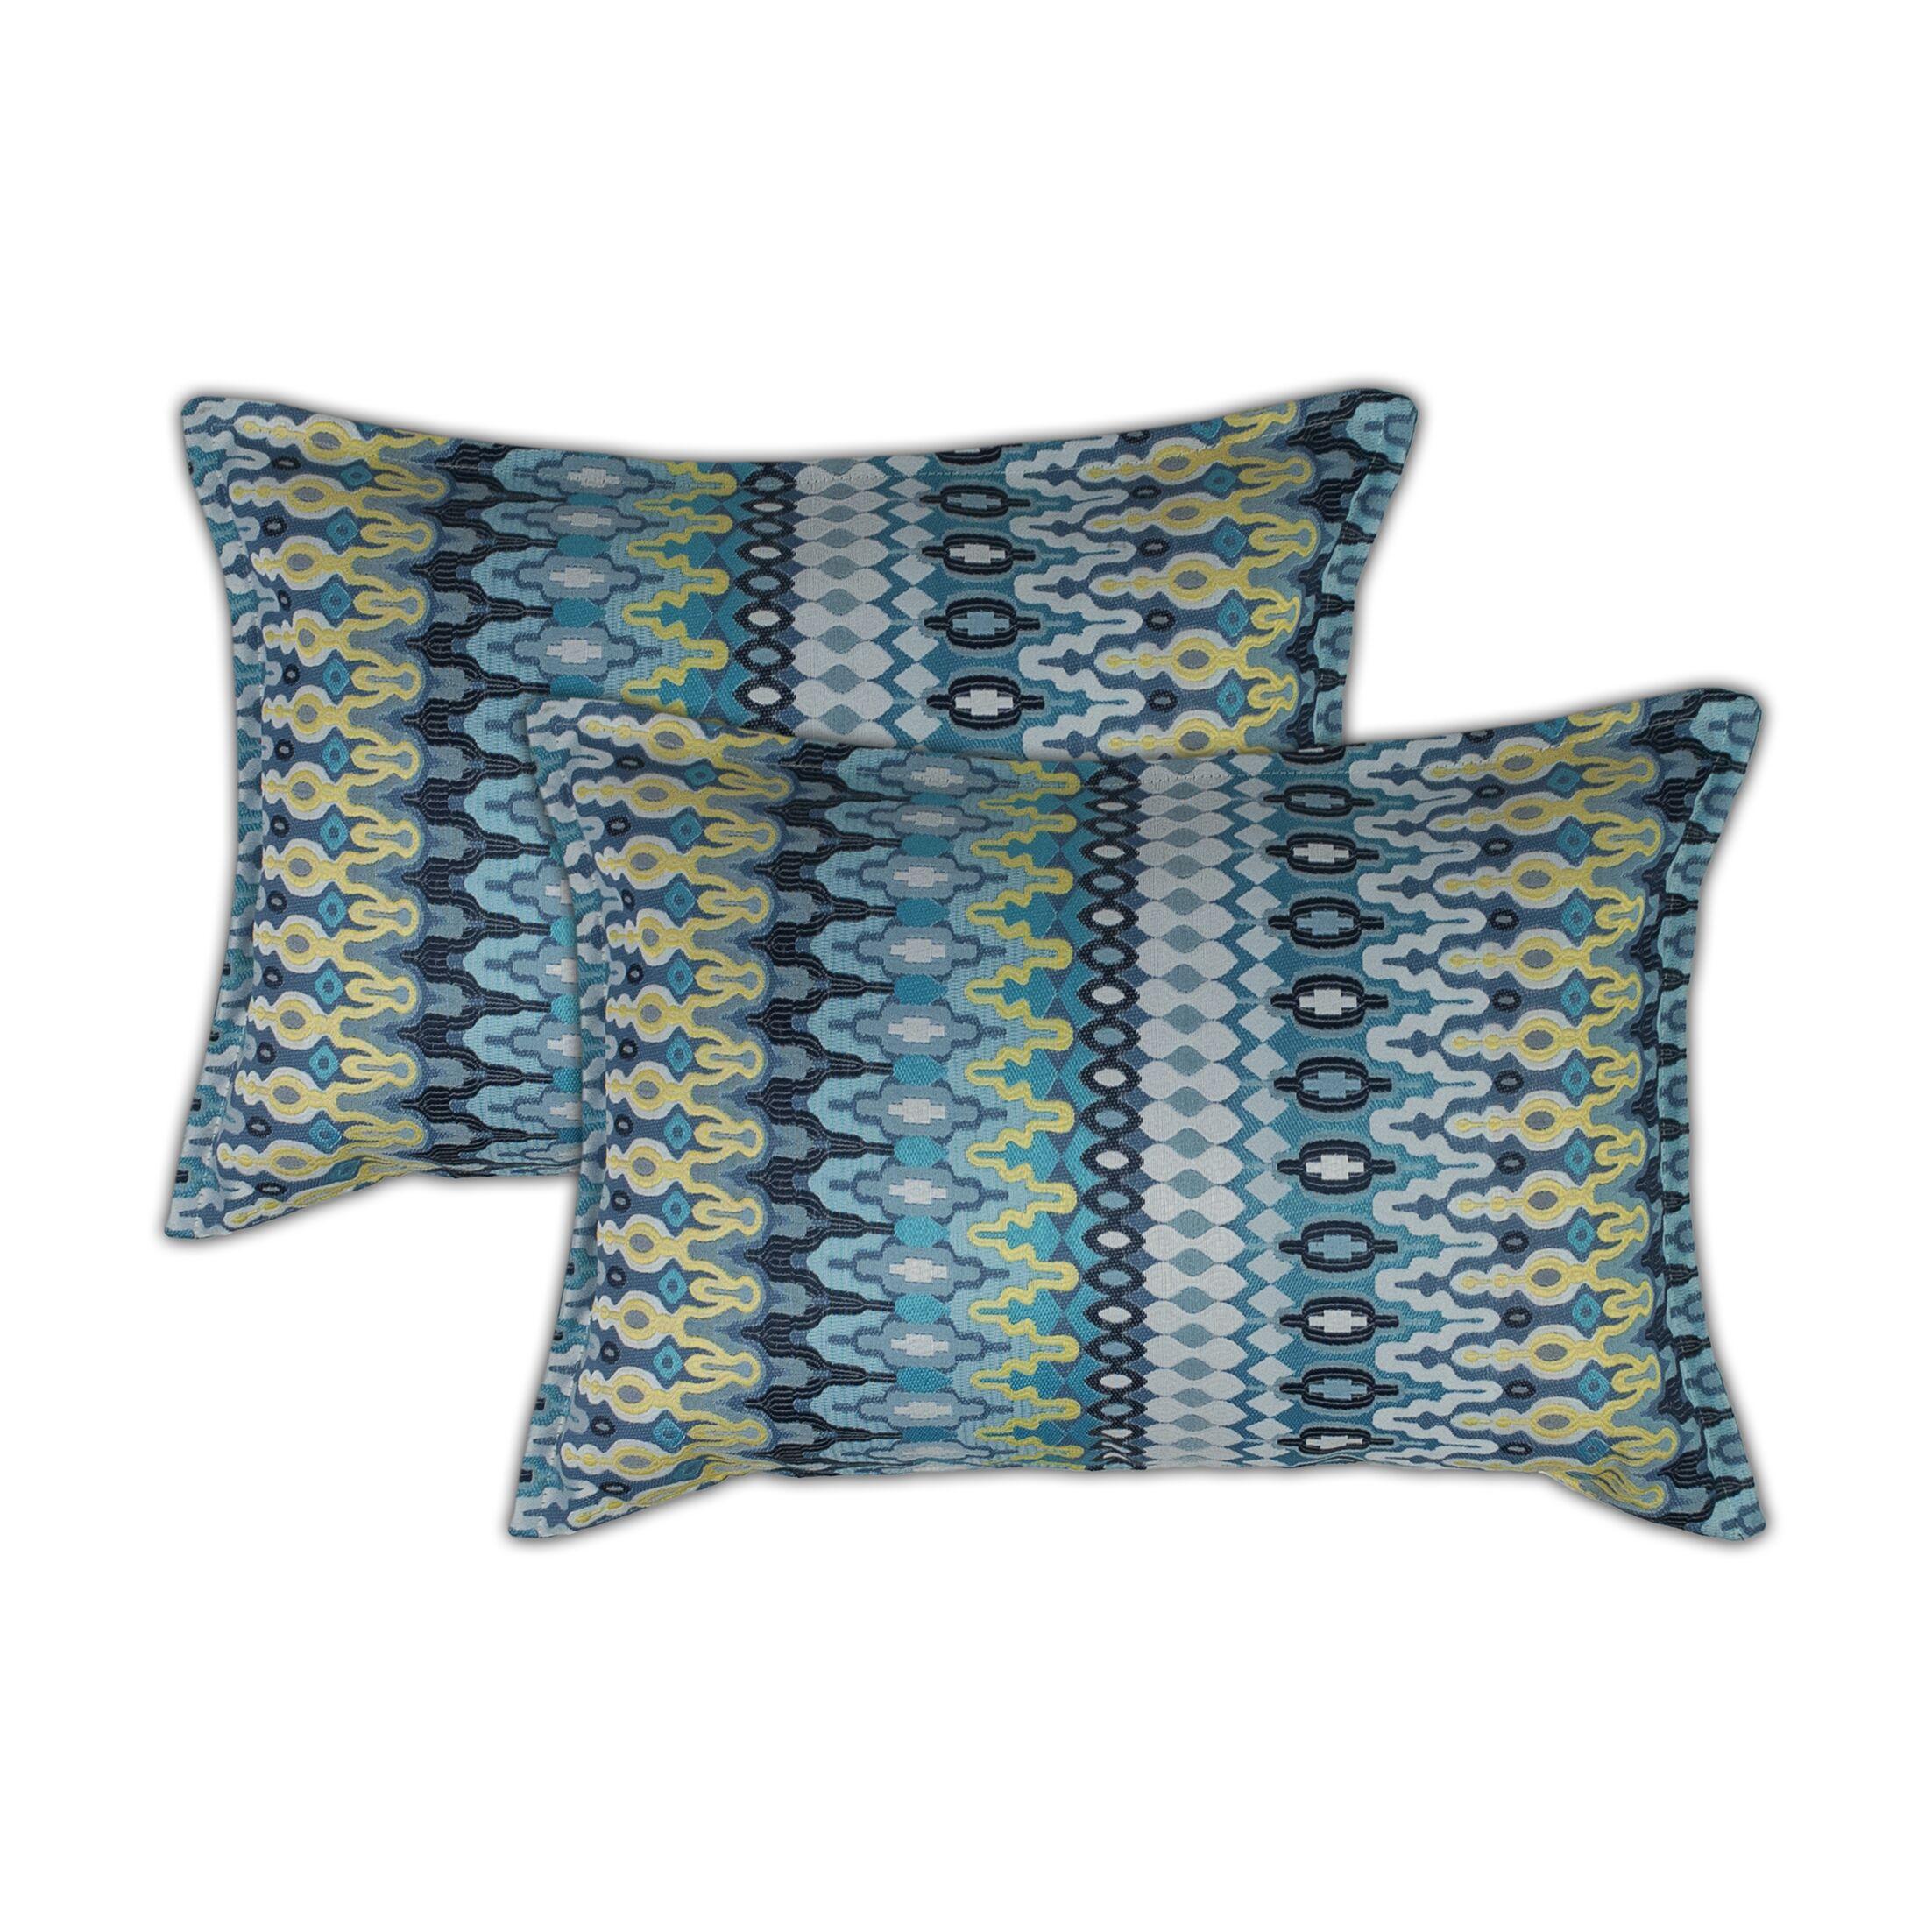 Aurora Lumbar Pillow Color: Blue/Yellow